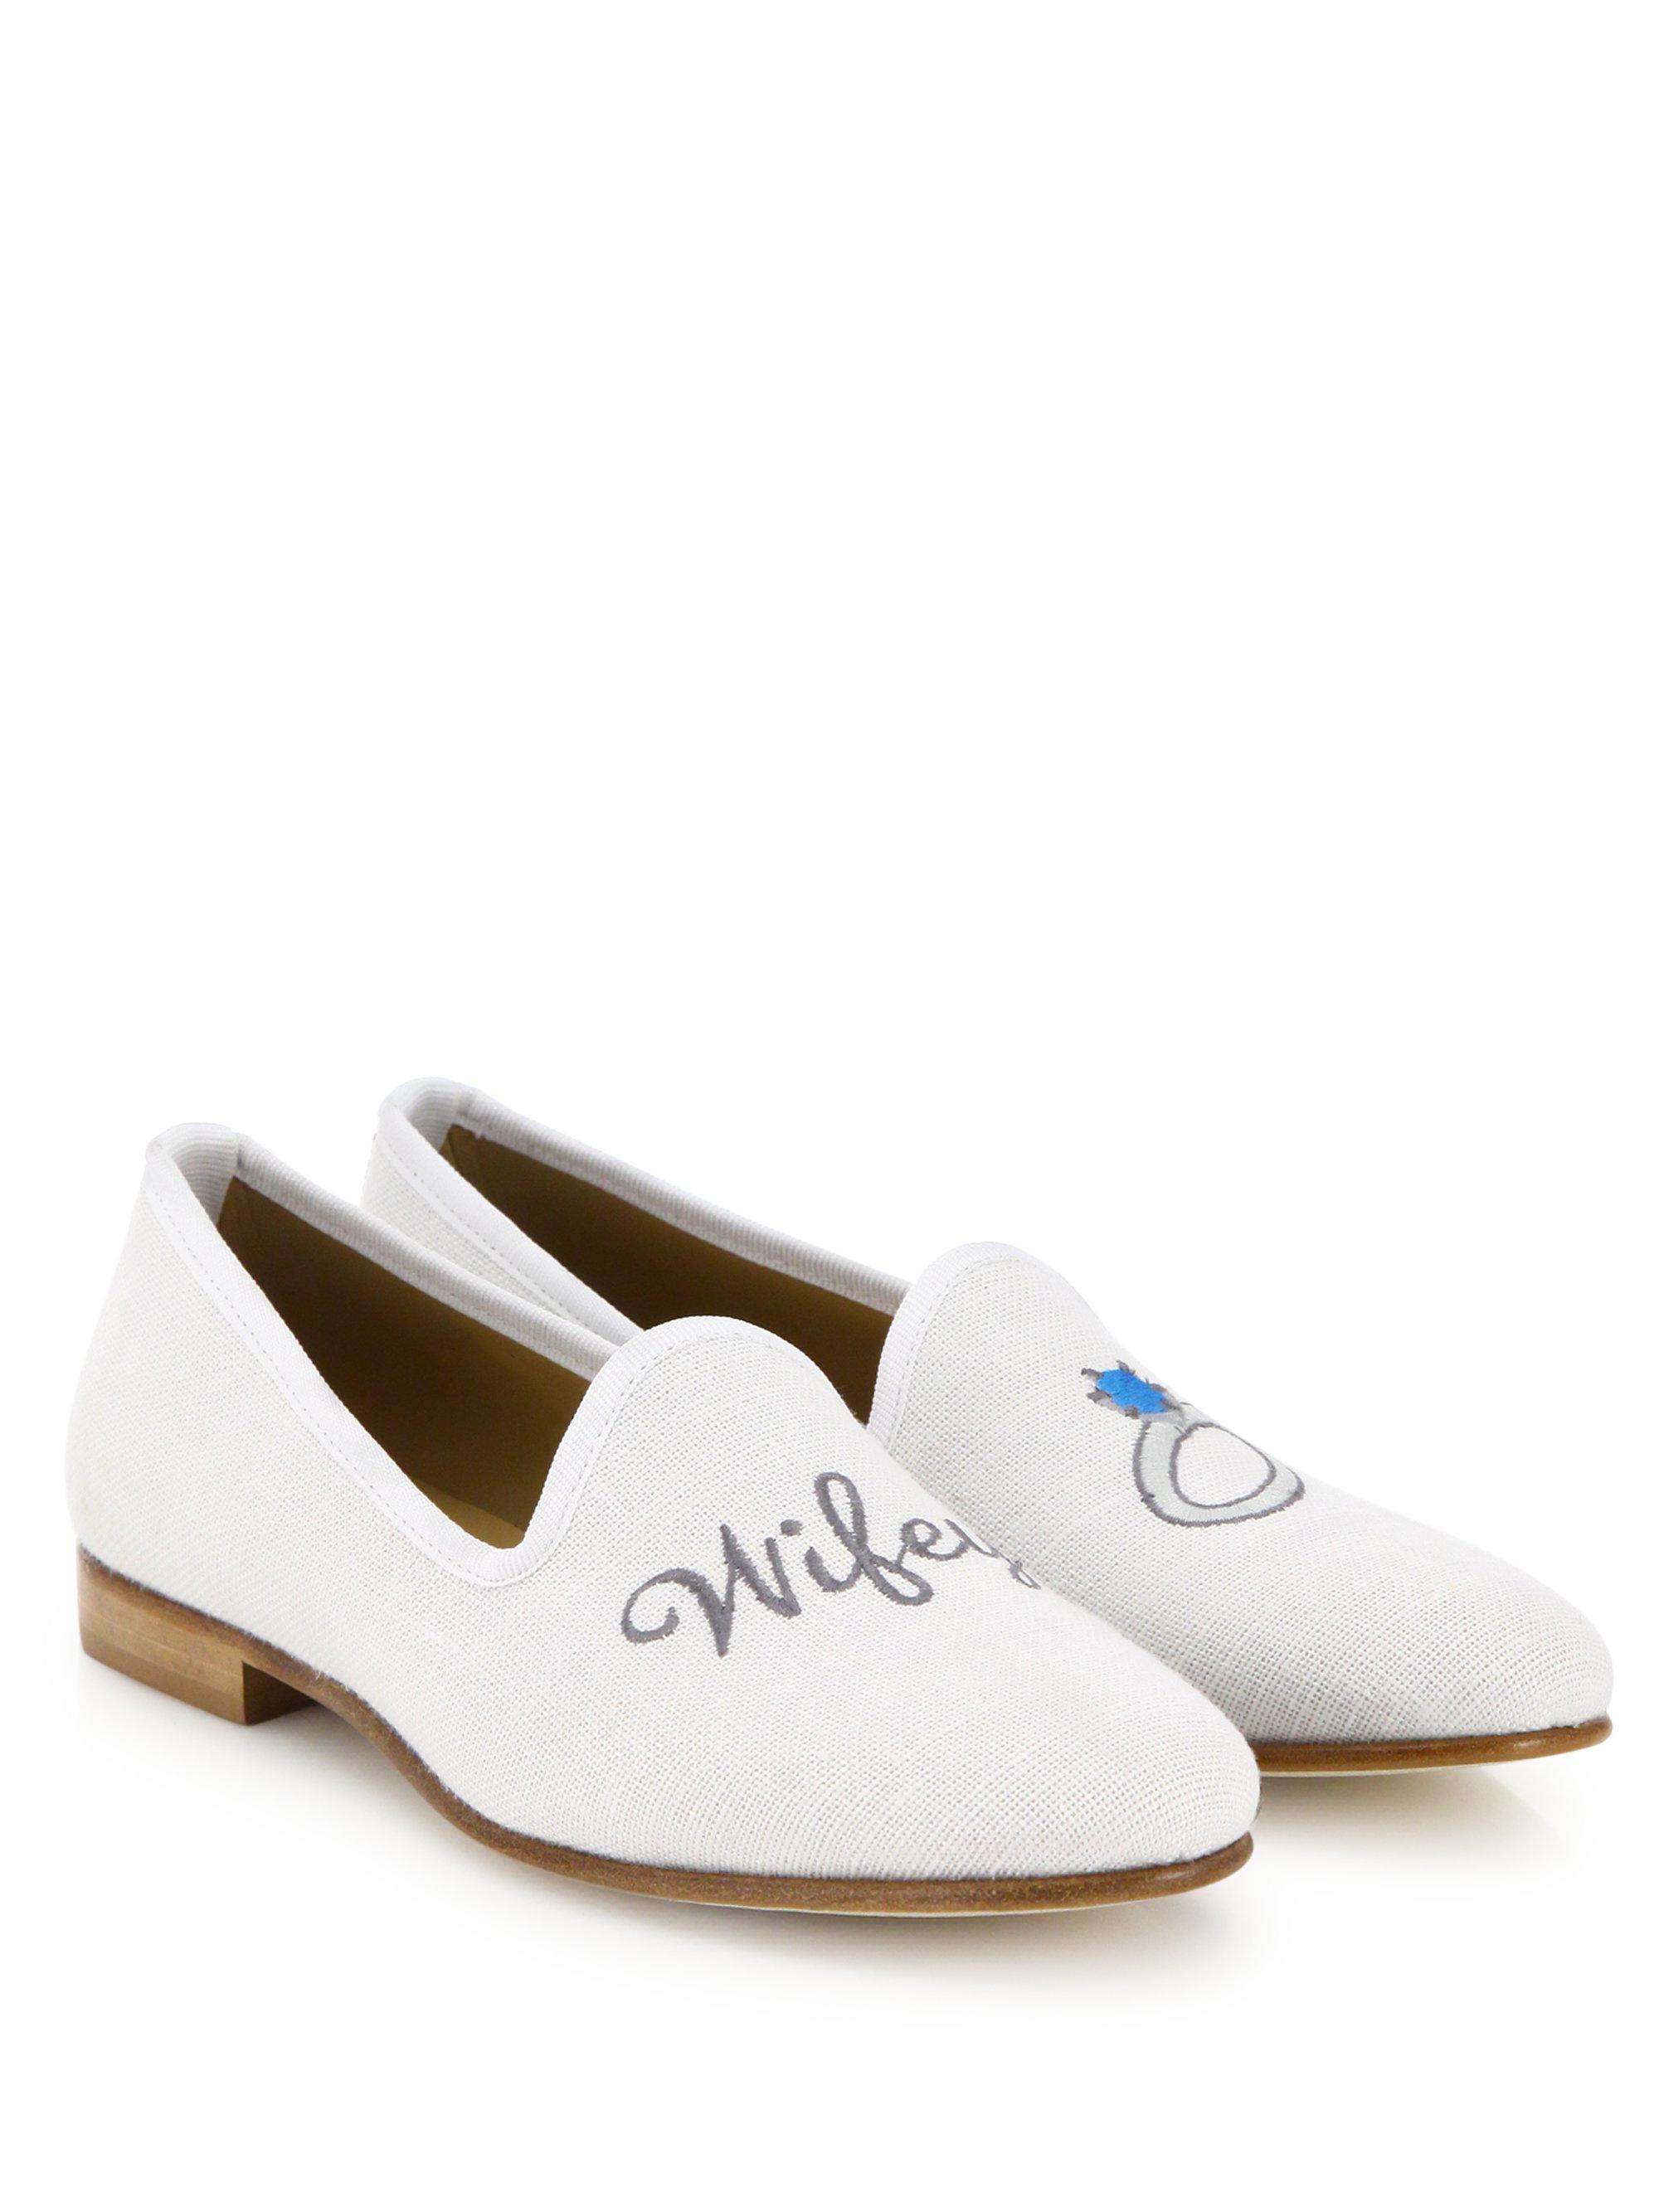 Del Toro Shoes Uk